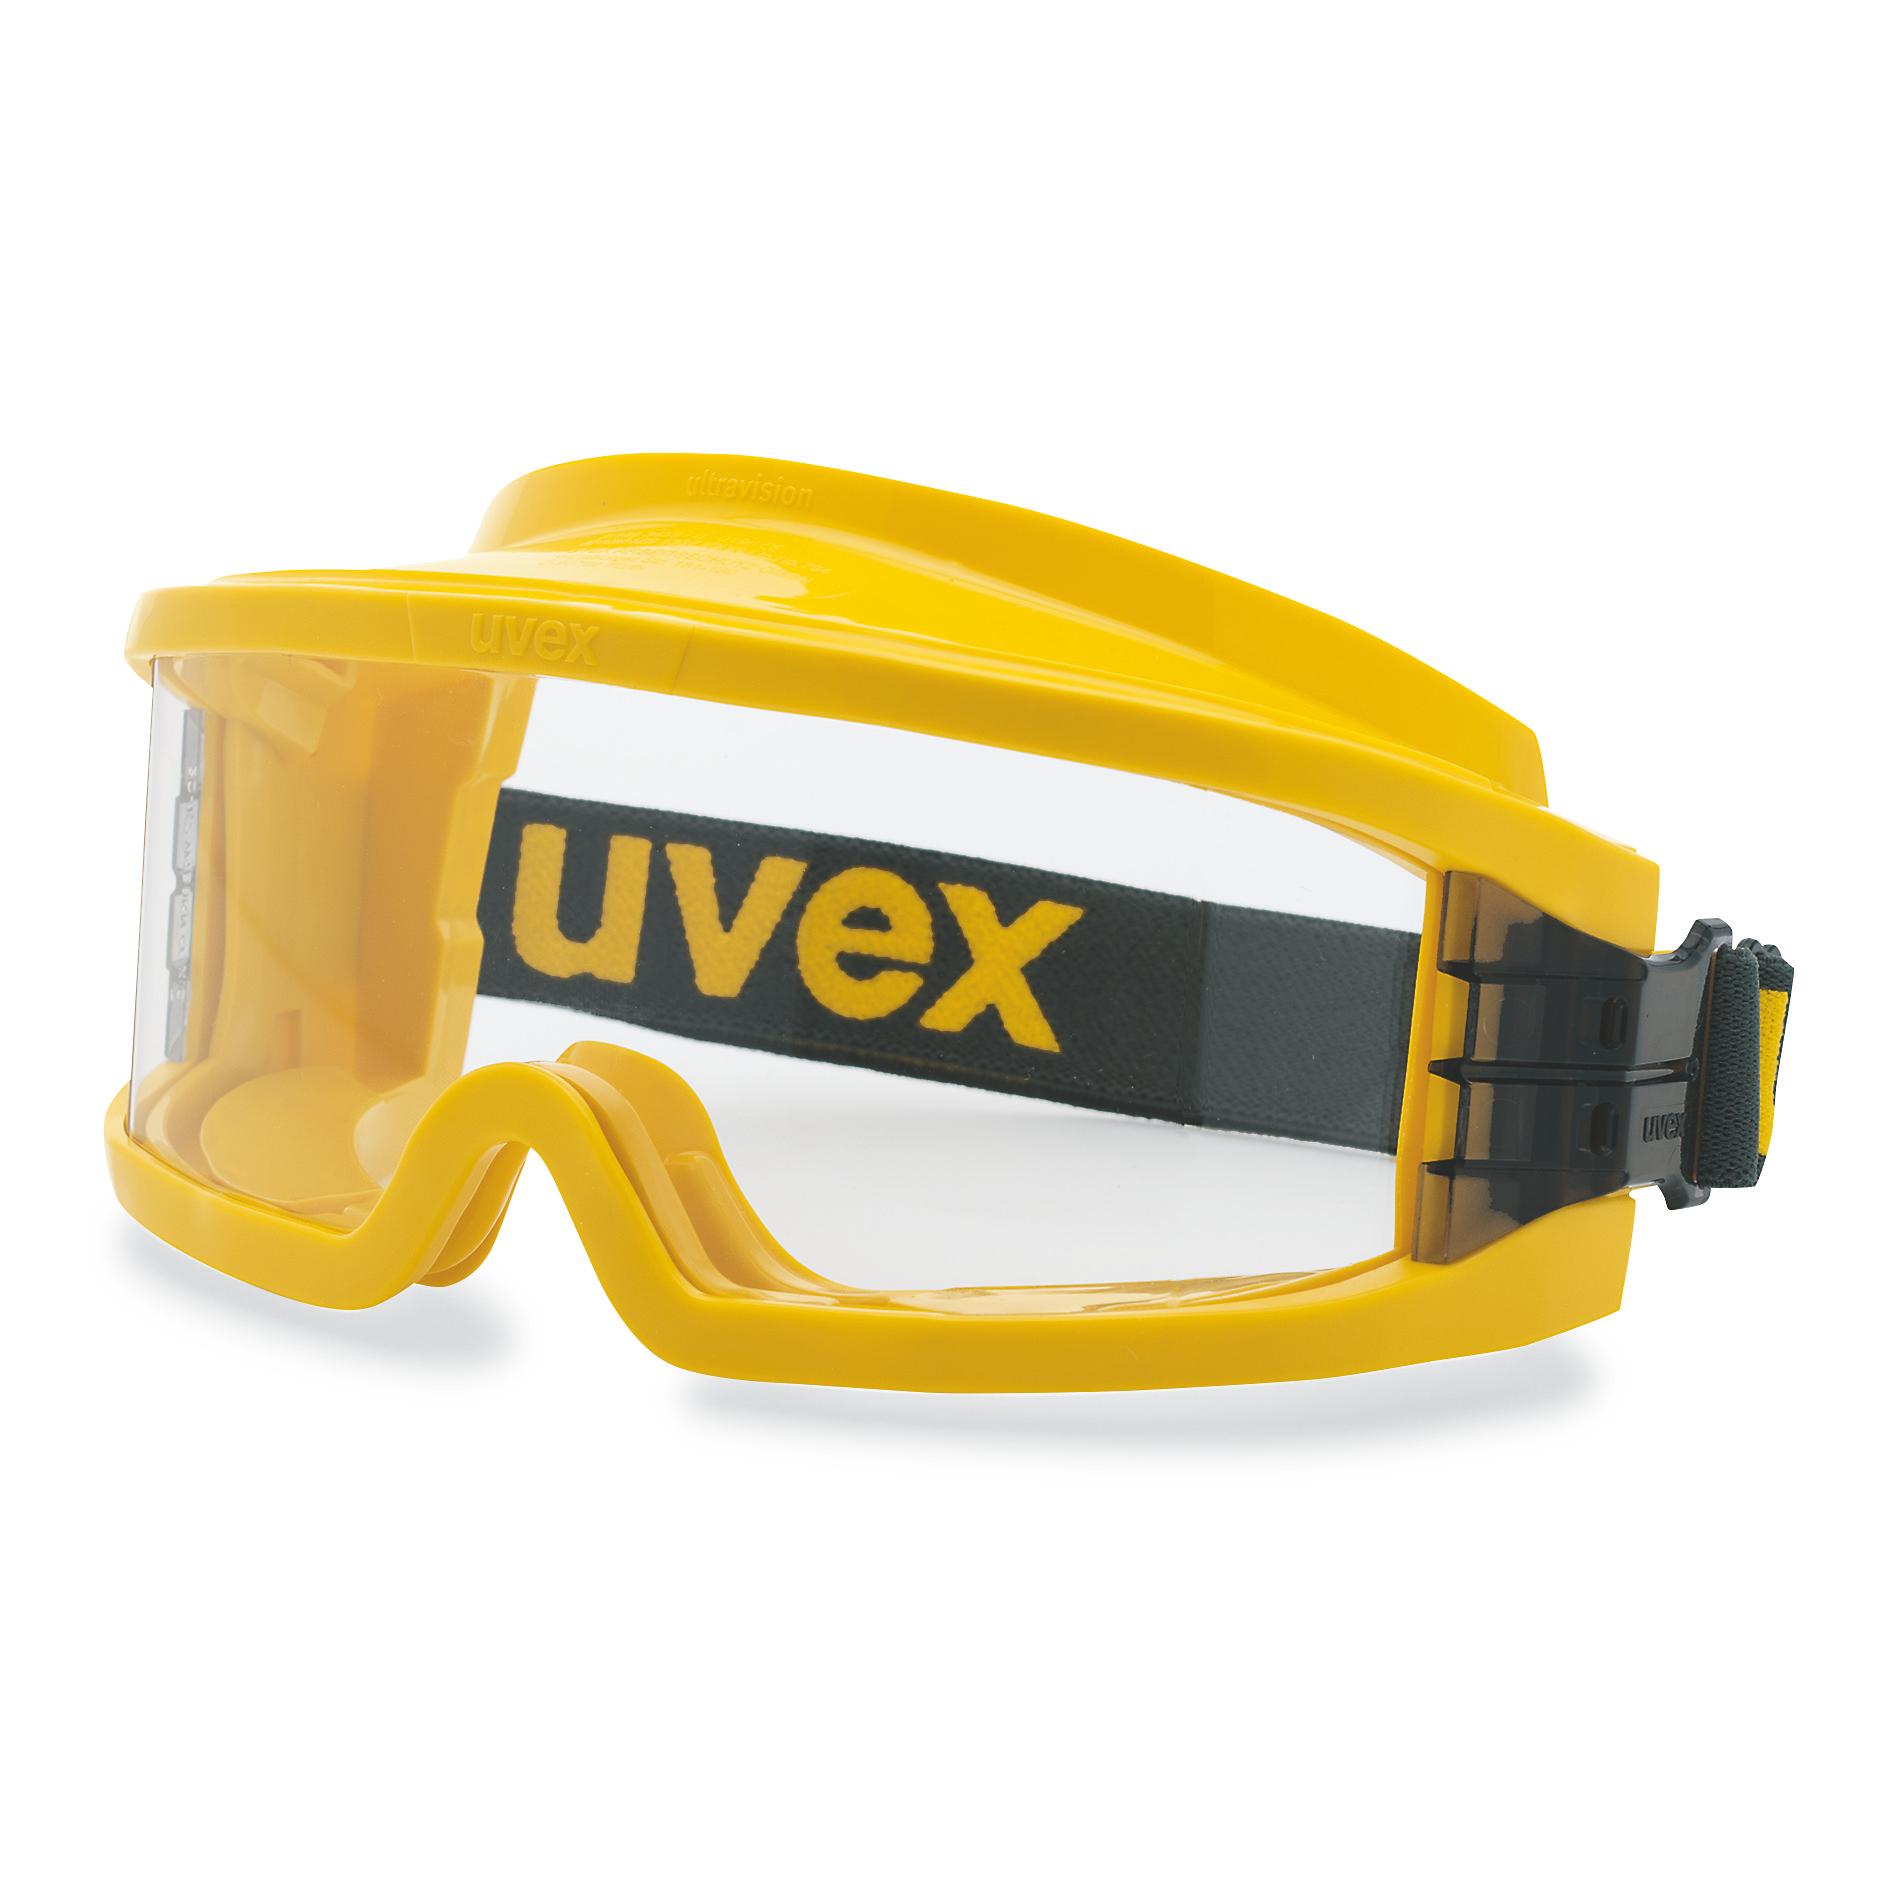 c0c6bcb57c2328 Lunettes de protection panoramiques uvex ultravision   Lunettes de  protection   uvex safety